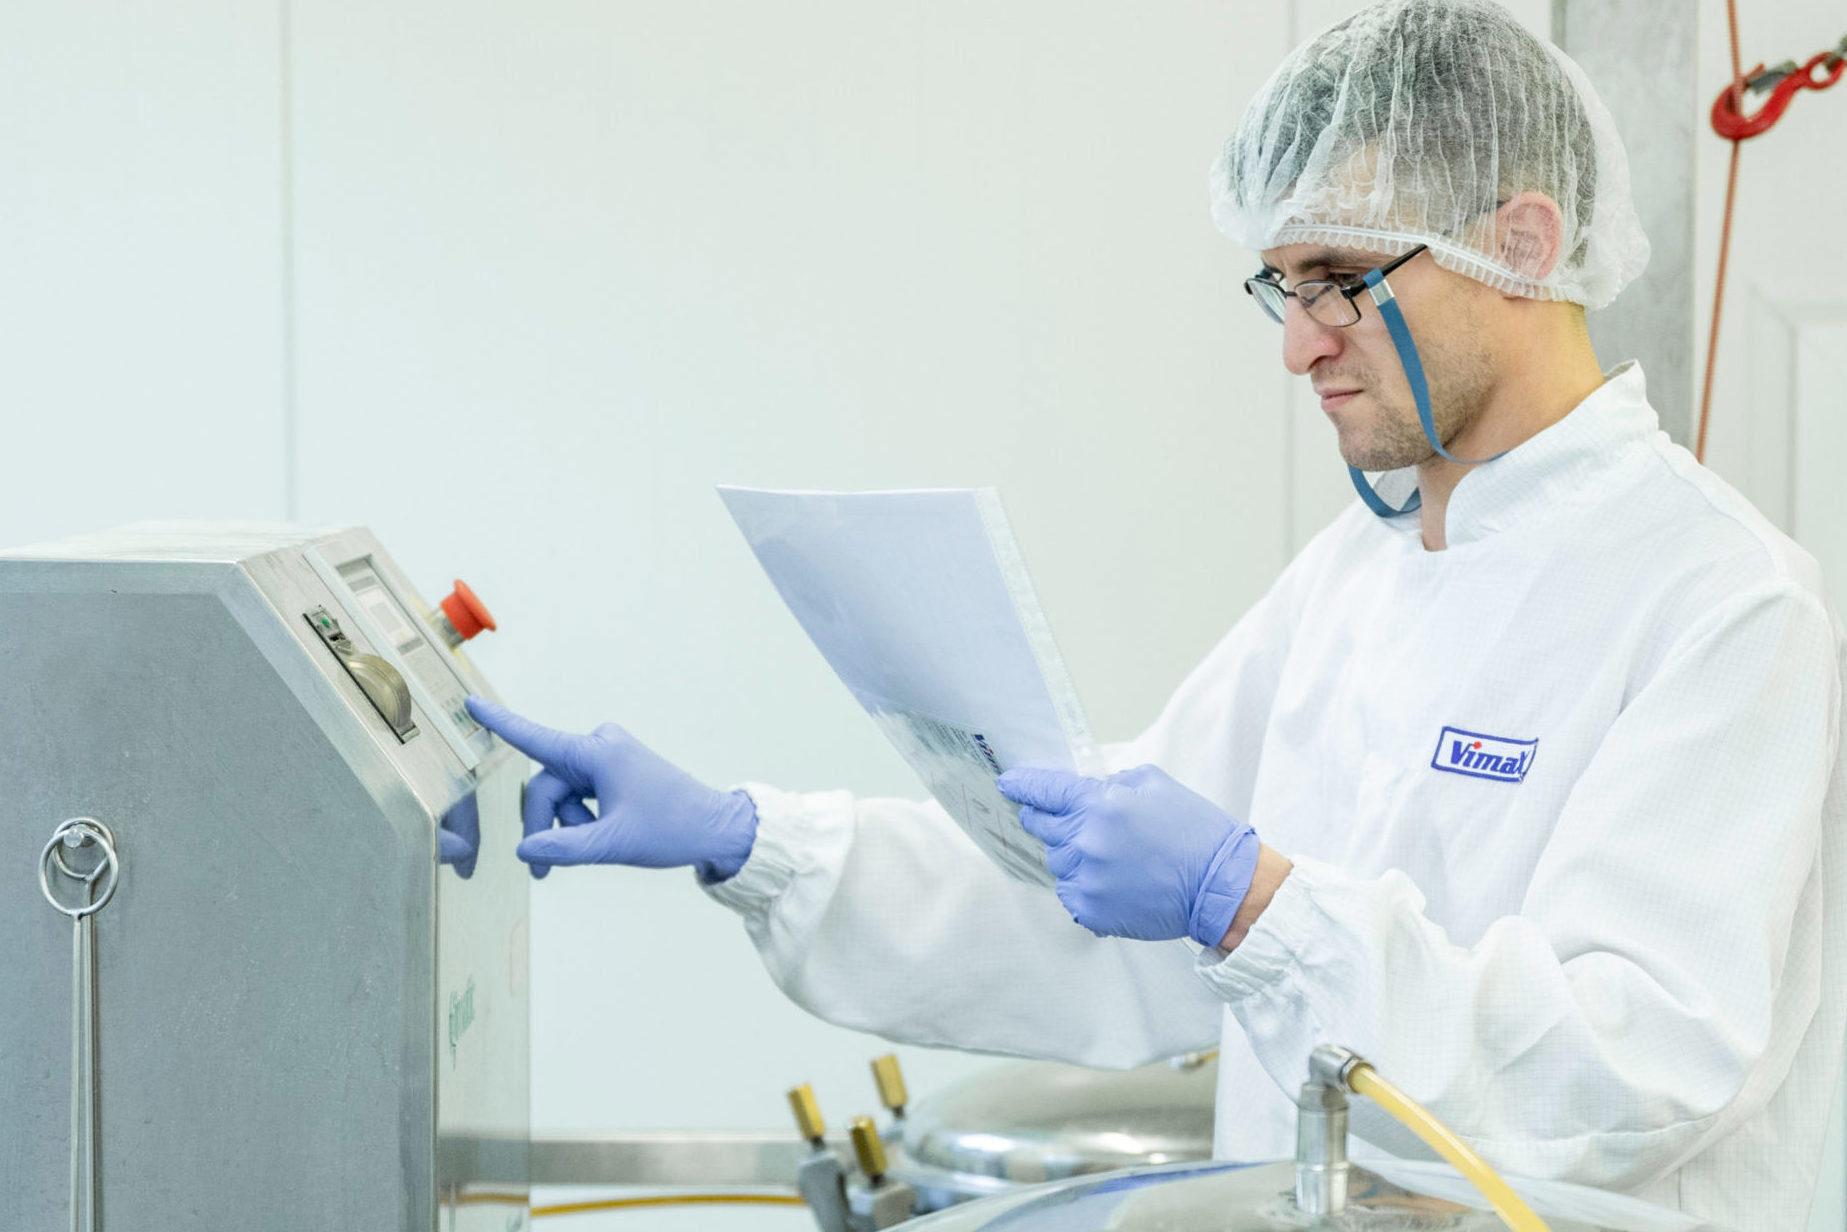 pracownik firmy vimax ustawiający parametry sprzętu